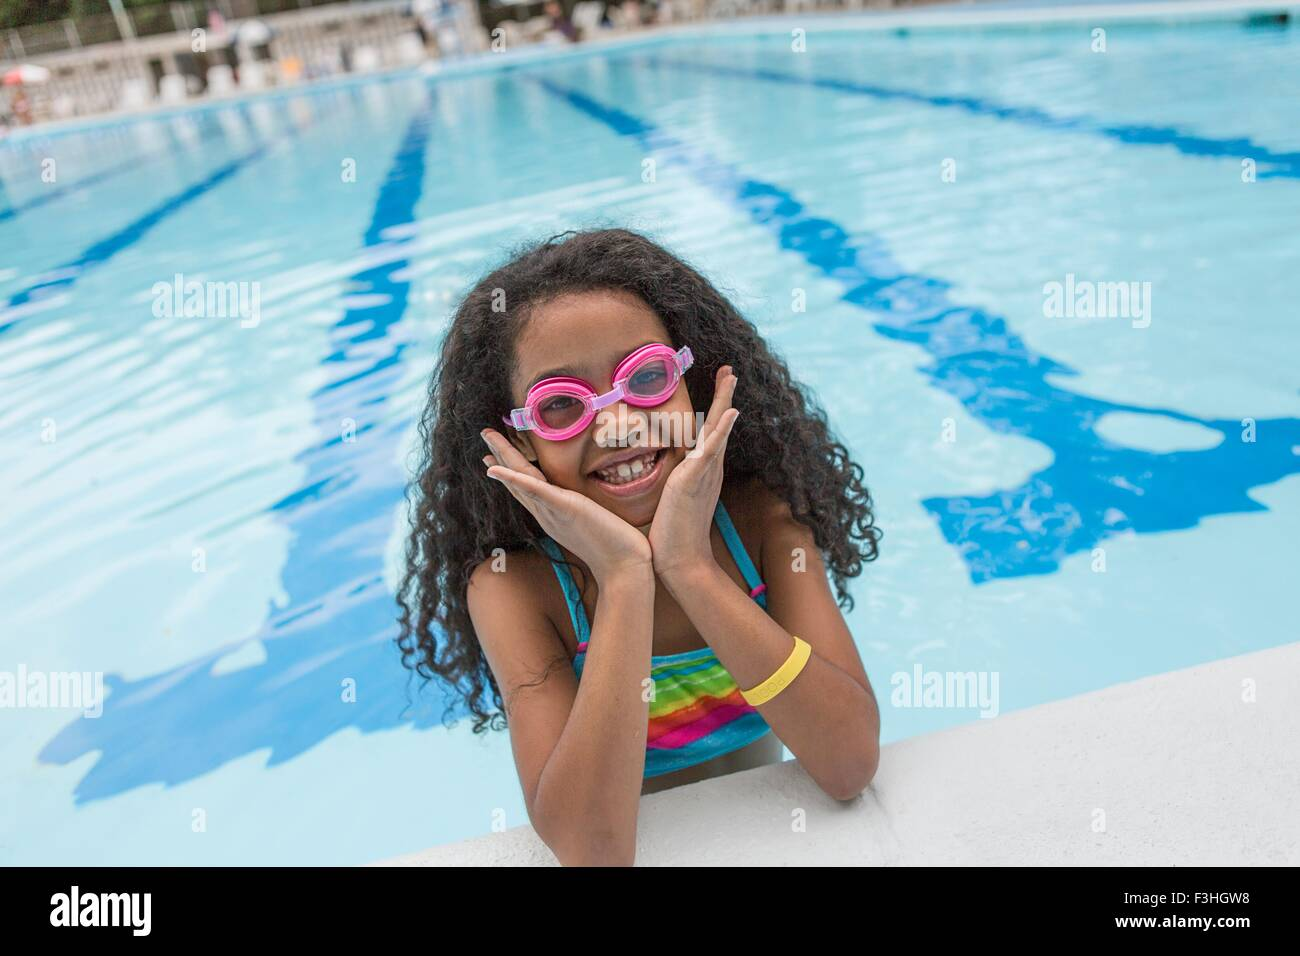 Ritratto di ragazza in piscina indossando occhiali da nuoto, guardando alla fotocamera a sorridere Immagini Stock